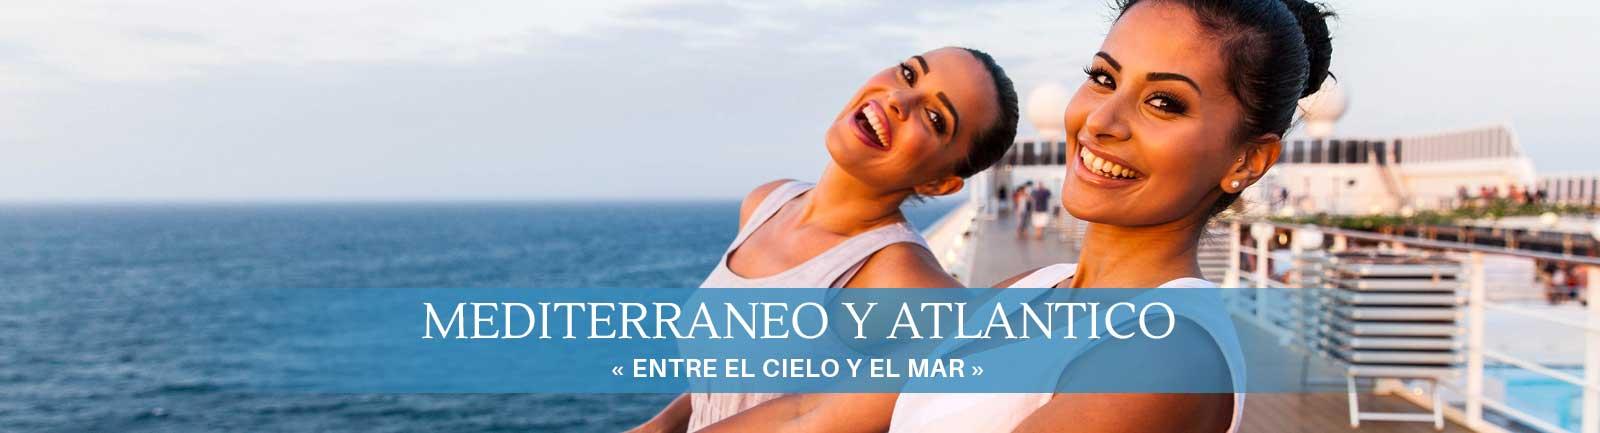 Crucero Mediterráneo y Atlántico